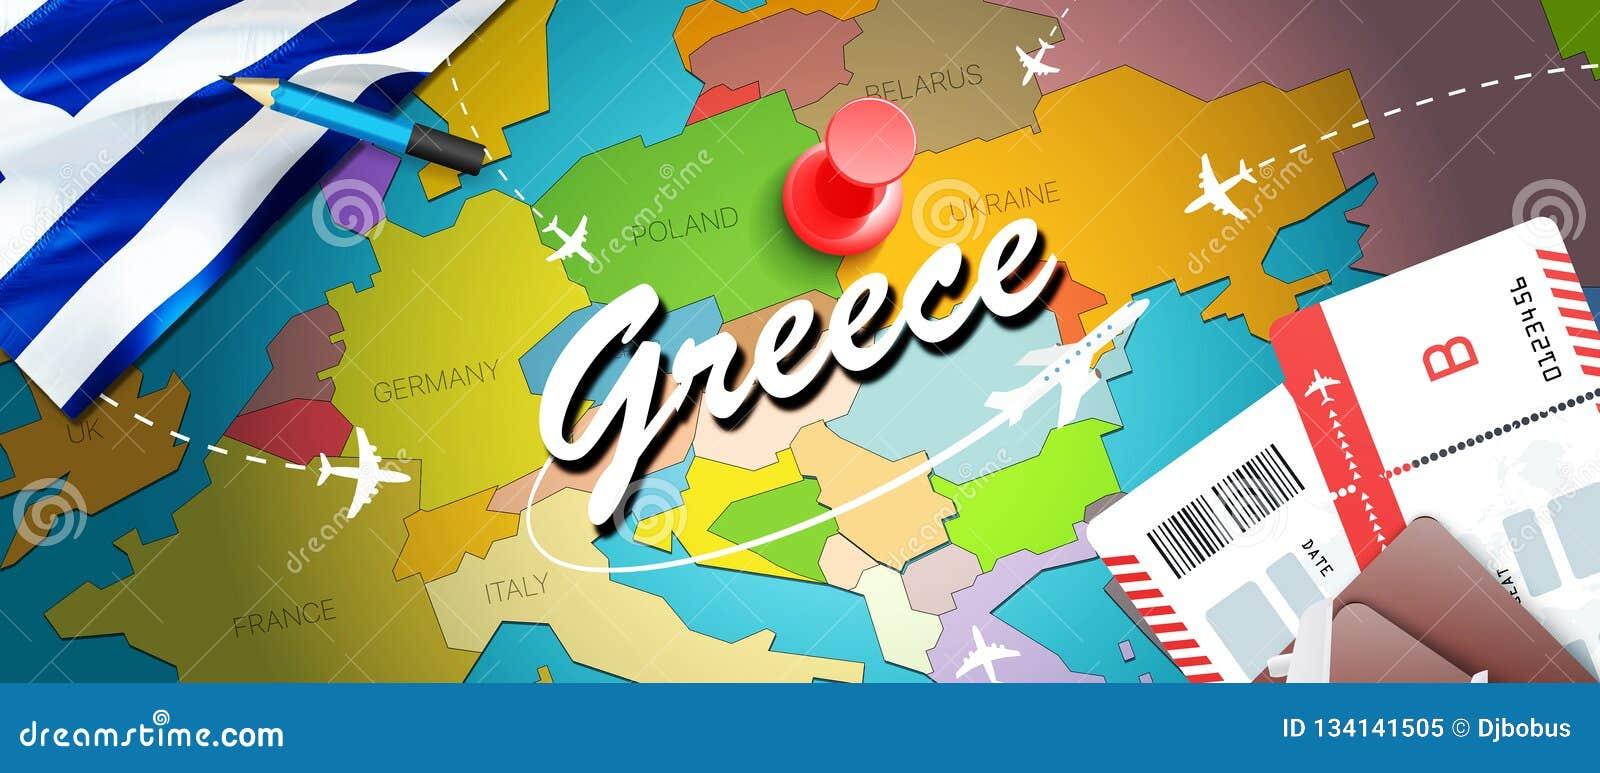 Grecja podróży pojęcia mapy tło z samolotami, bilety Wizyty Grecja podróż i turystyki miejsce przeznaczenia pojęcie Grecja flaga